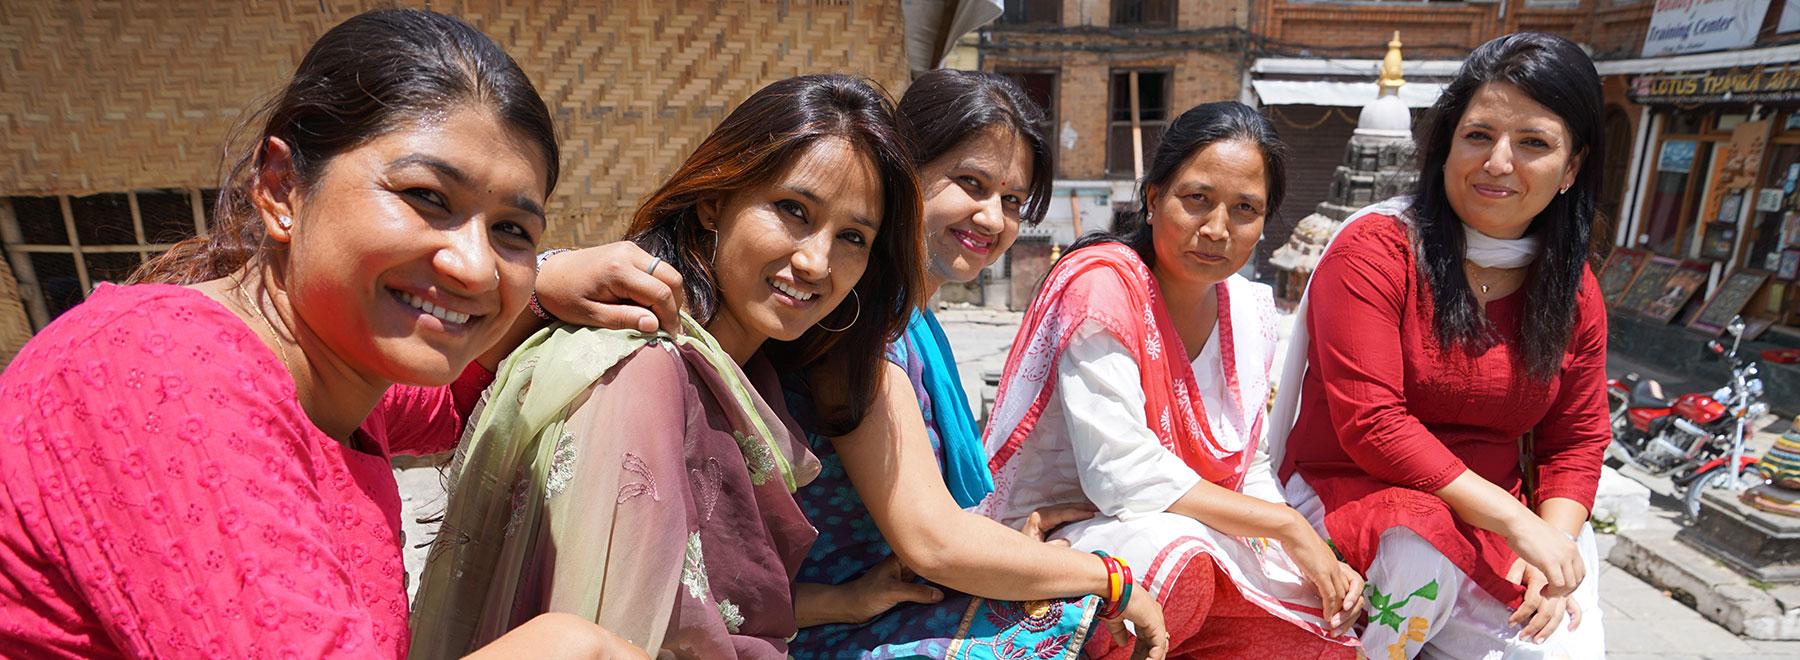 Onze collega's in Nepal